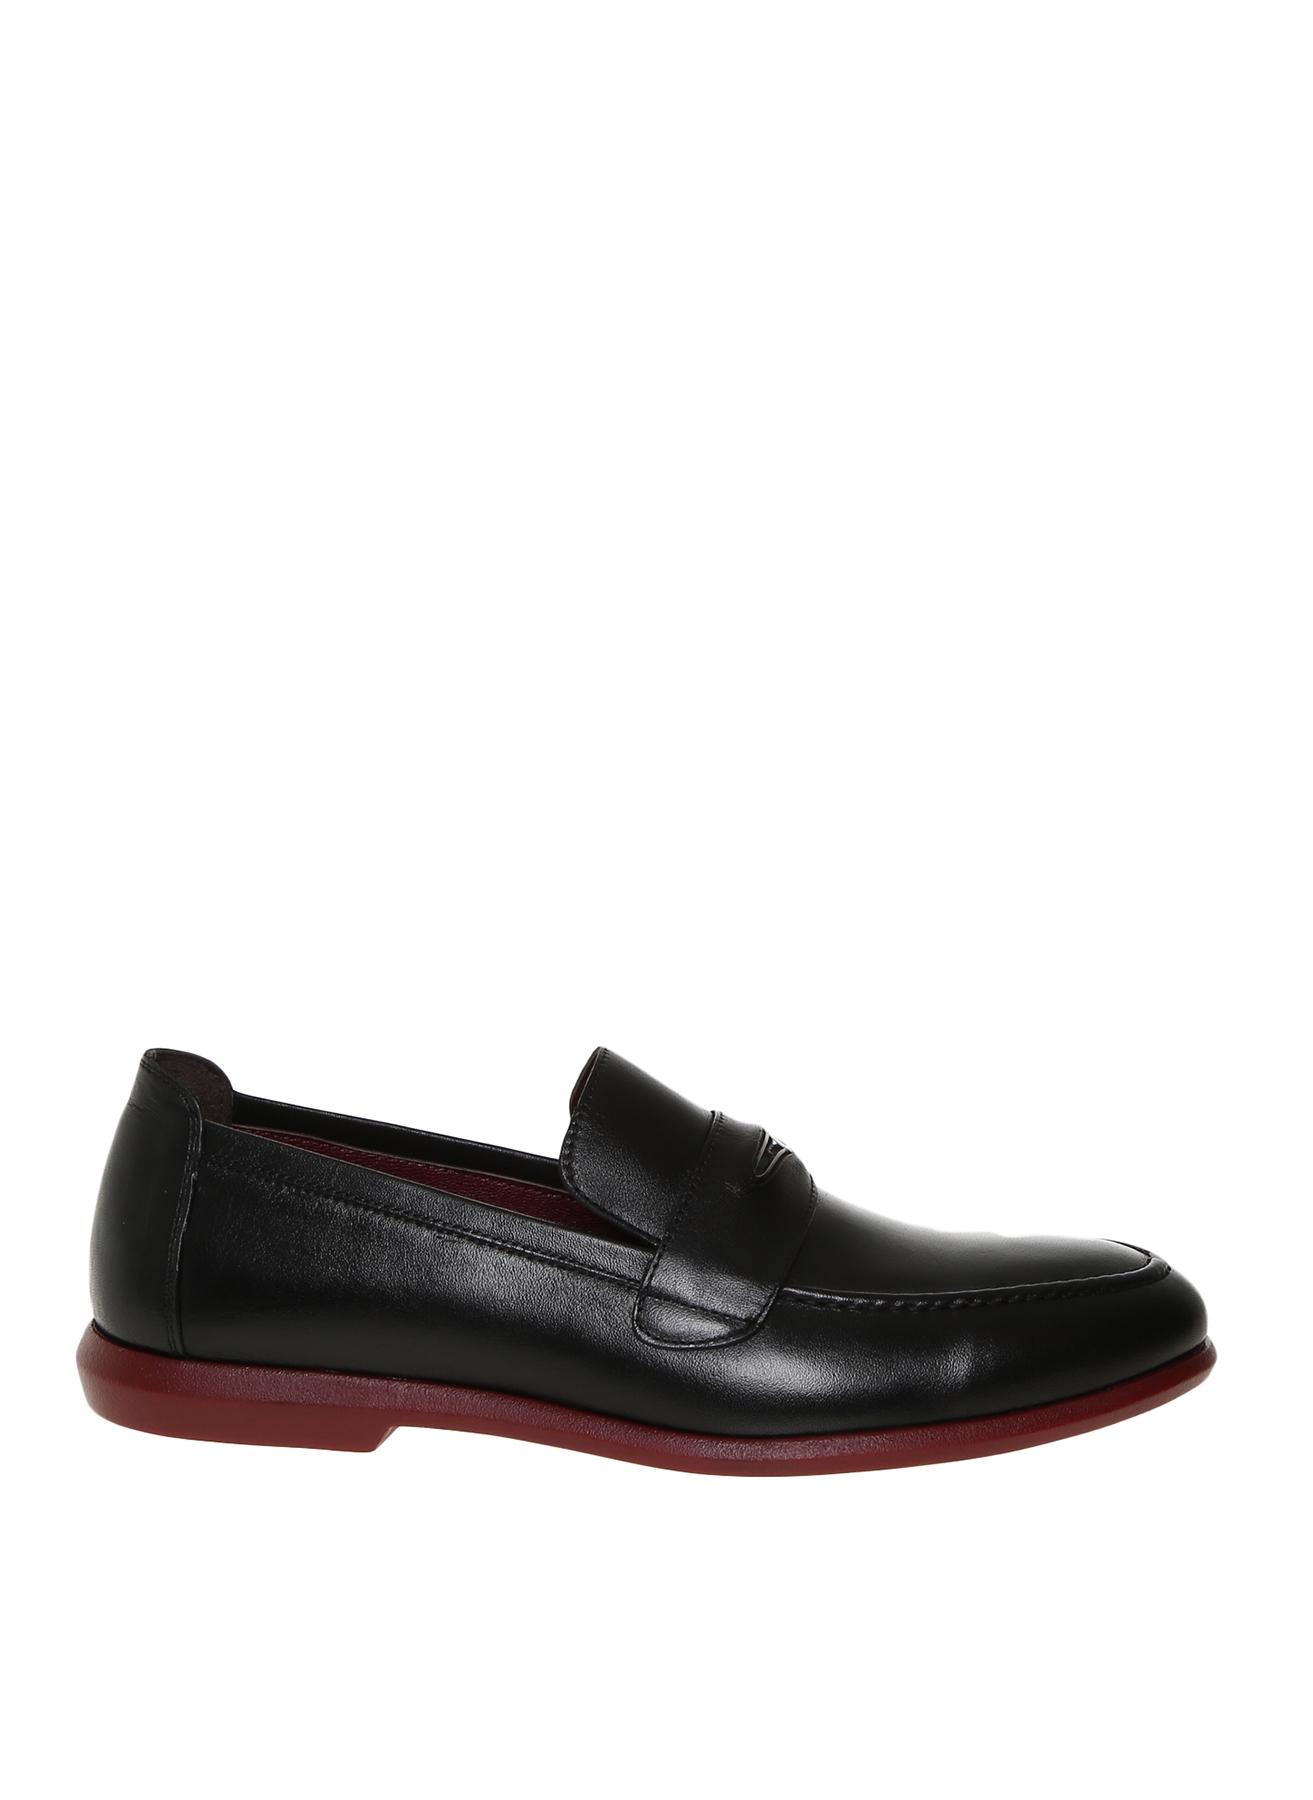 Cacharel Erkek Deri Siyah Klasik Ayakkabı 40 5001911368001 Ürün Resmi